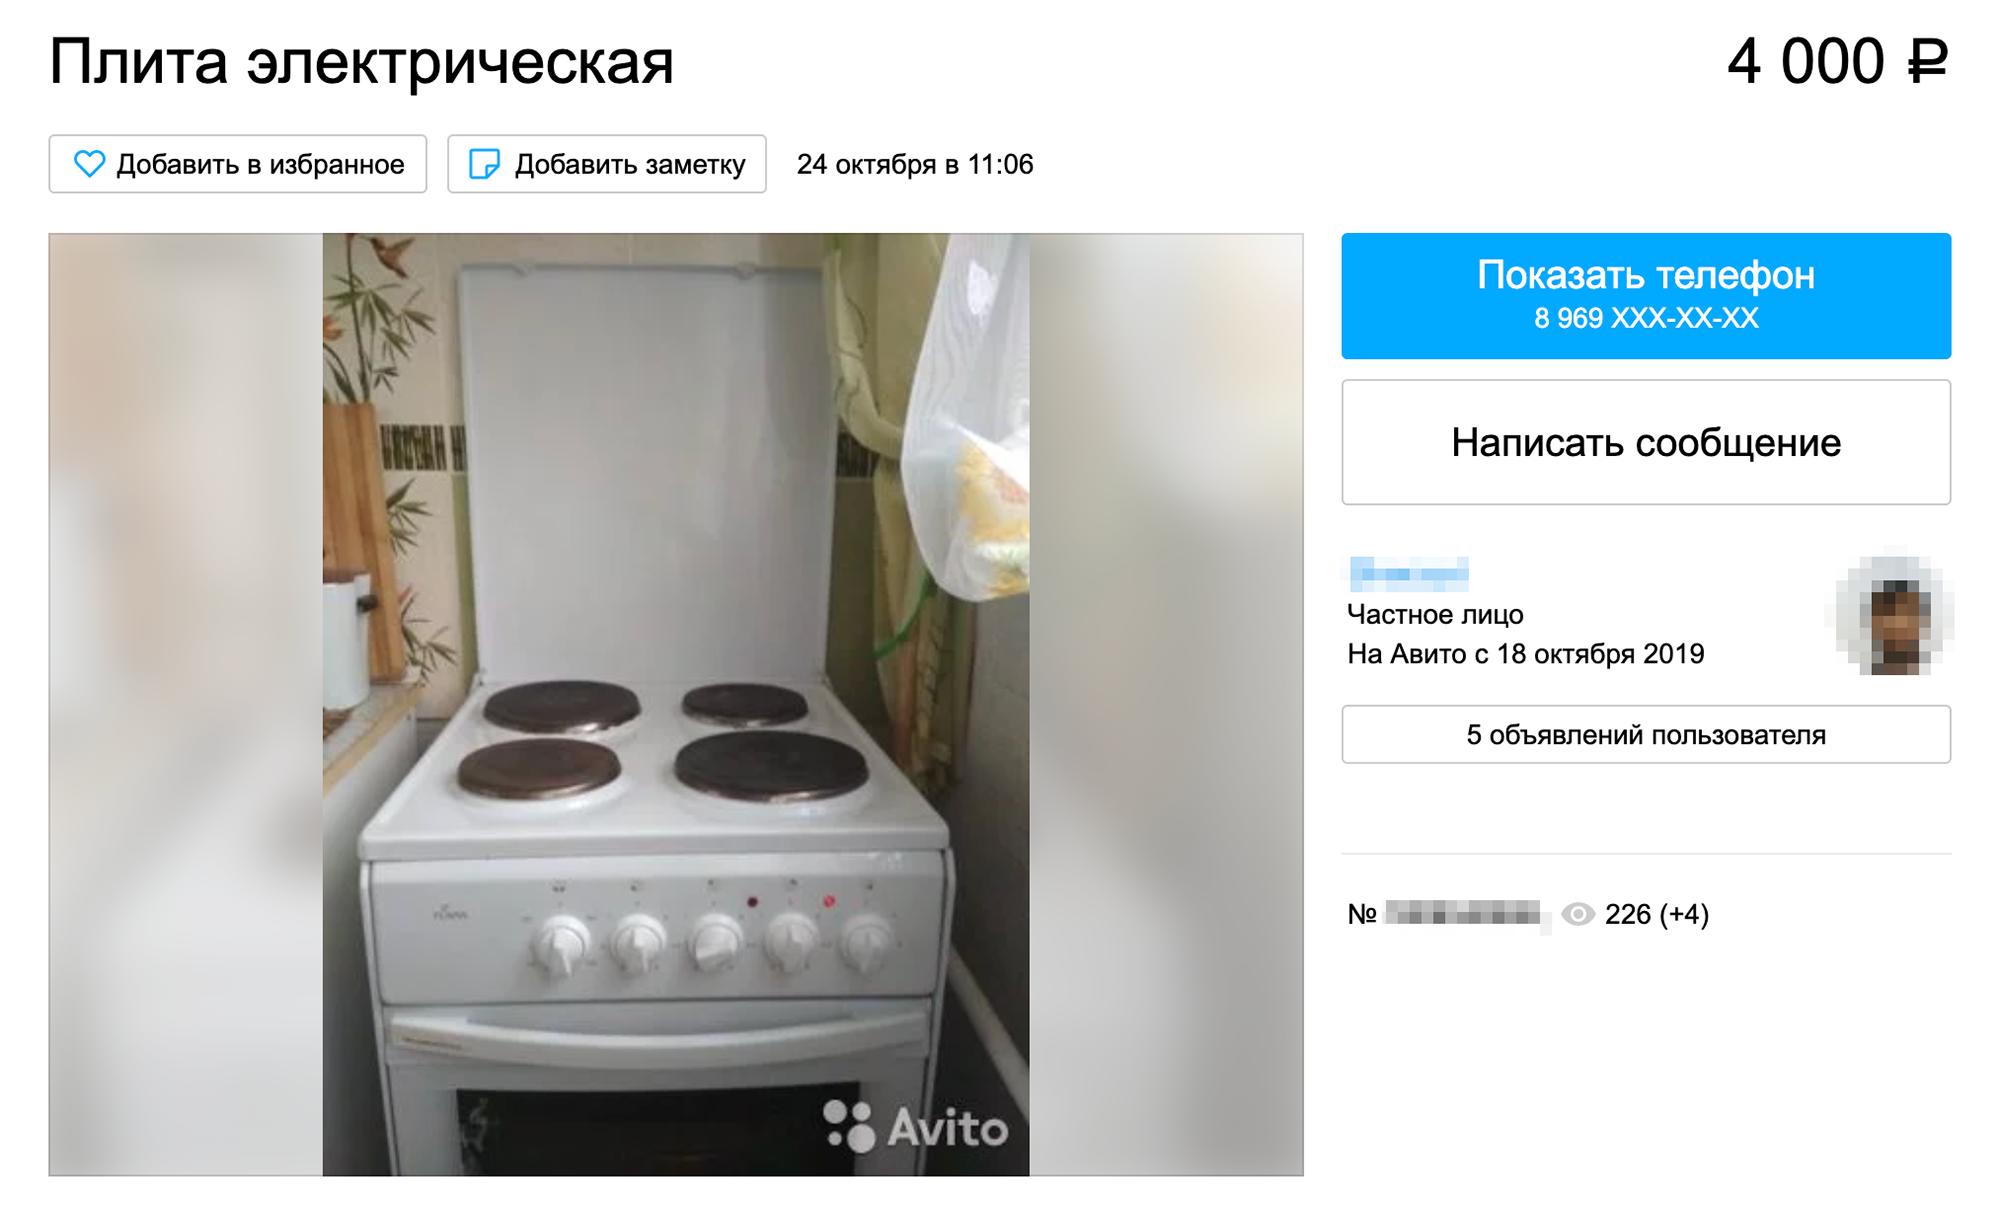 Минимальный комплект для кухни с «Авито» обойдется в 15 тысяч рублей